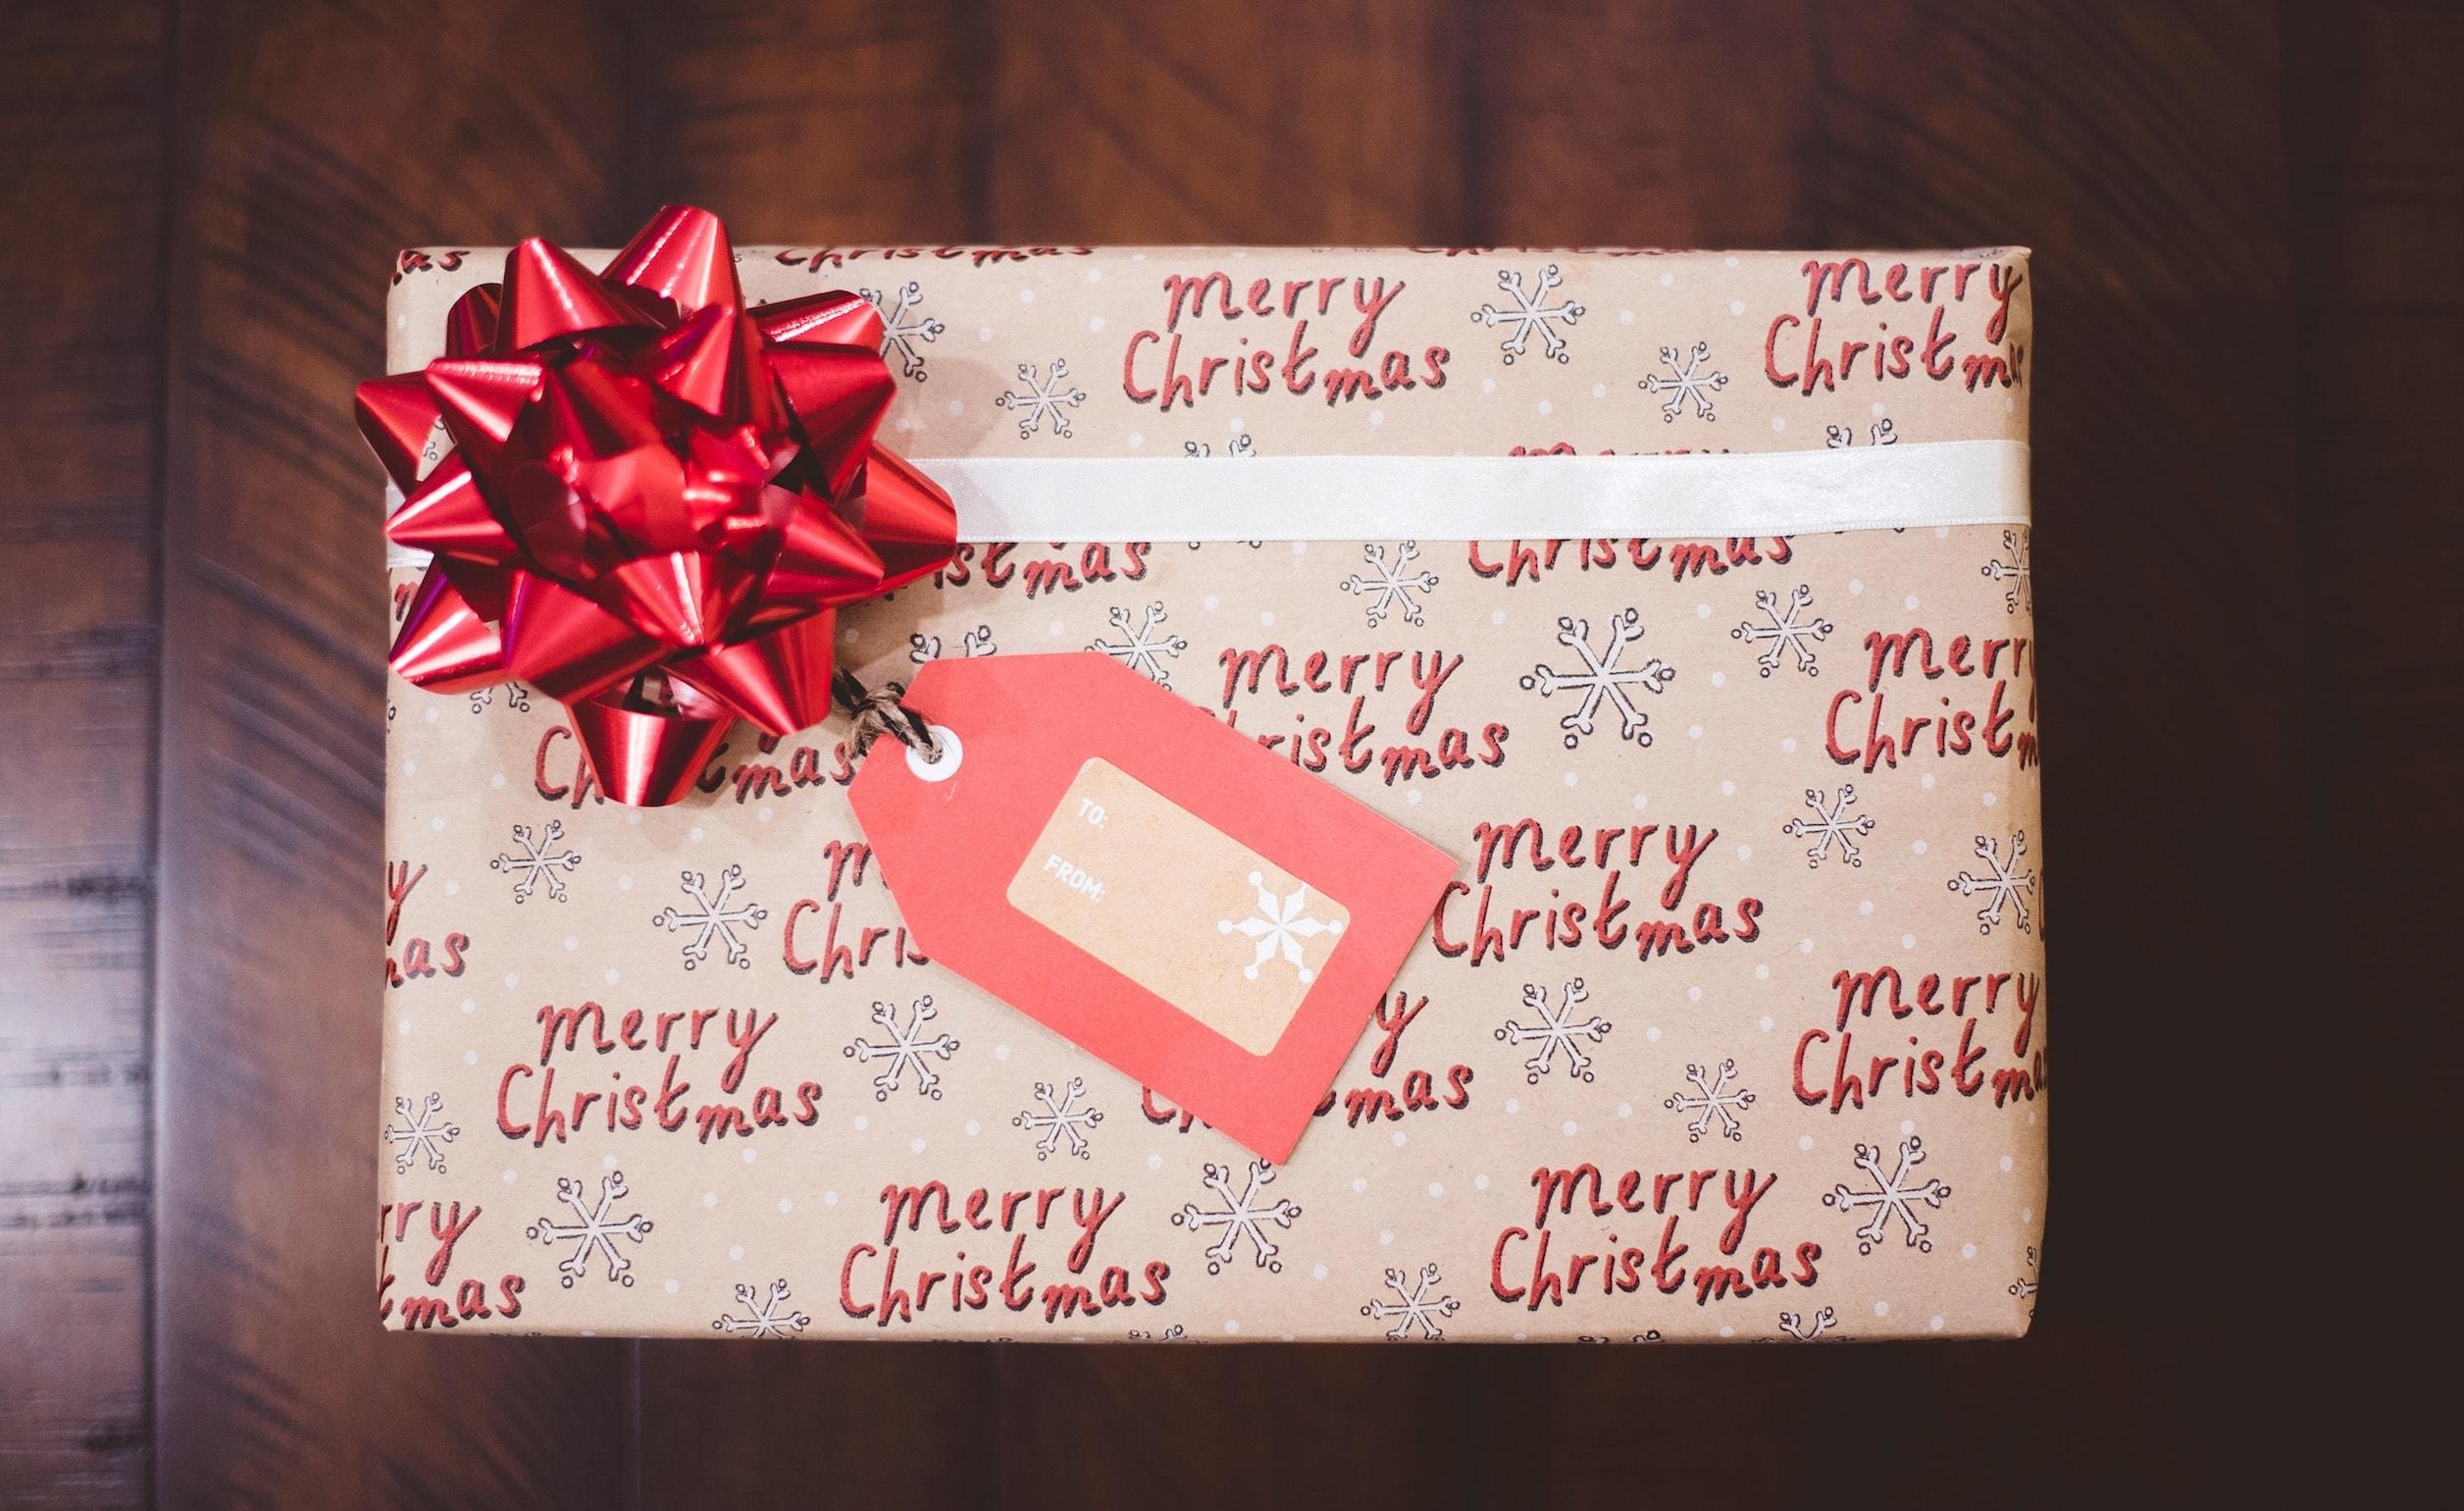 Whisky Schenken: 4 Geschenkideen zu Weihnachten - Whiskyblog